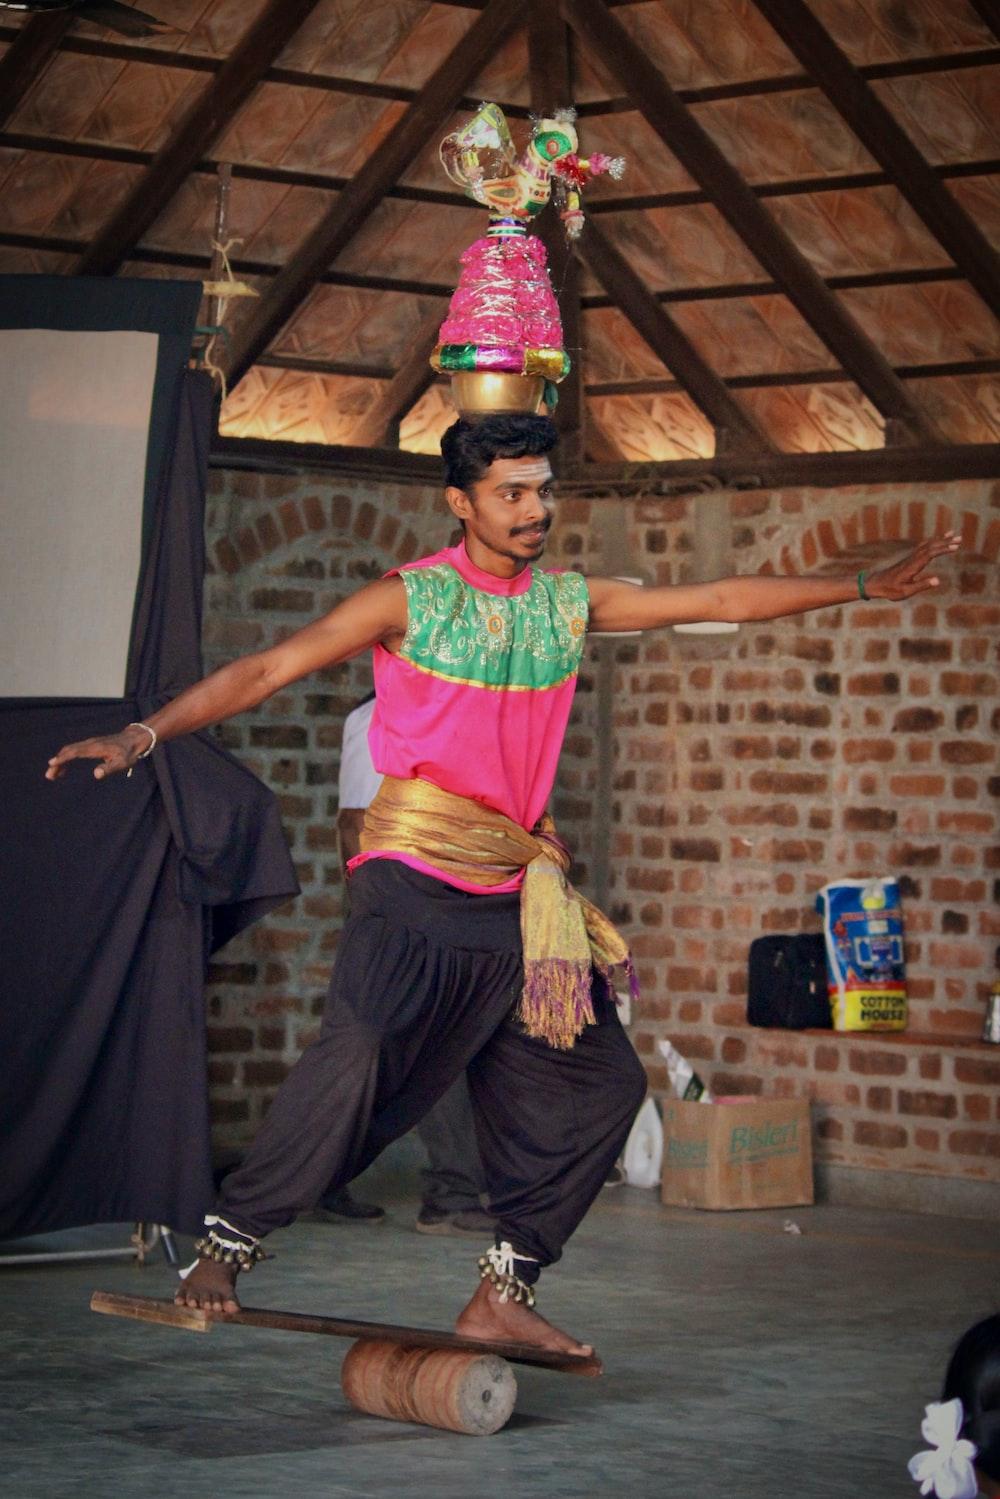 man balancing on board with jar on head